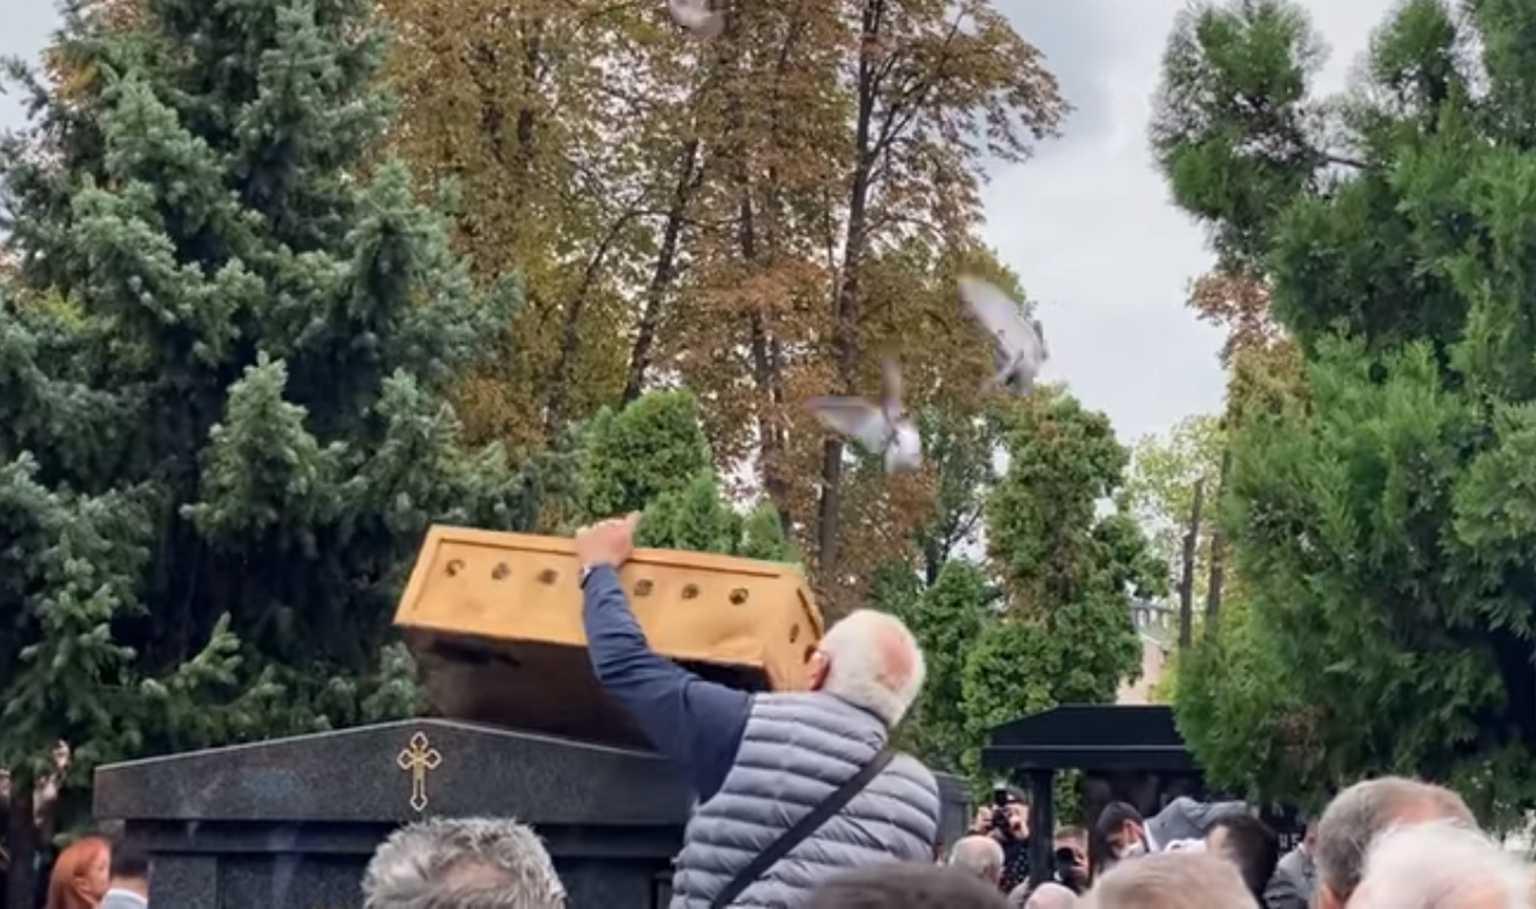 Κηδεία Ντούσαν Ίβκοβιτς: Ελευθέρωσαν περιστέρια πάνω από τον τάφο του